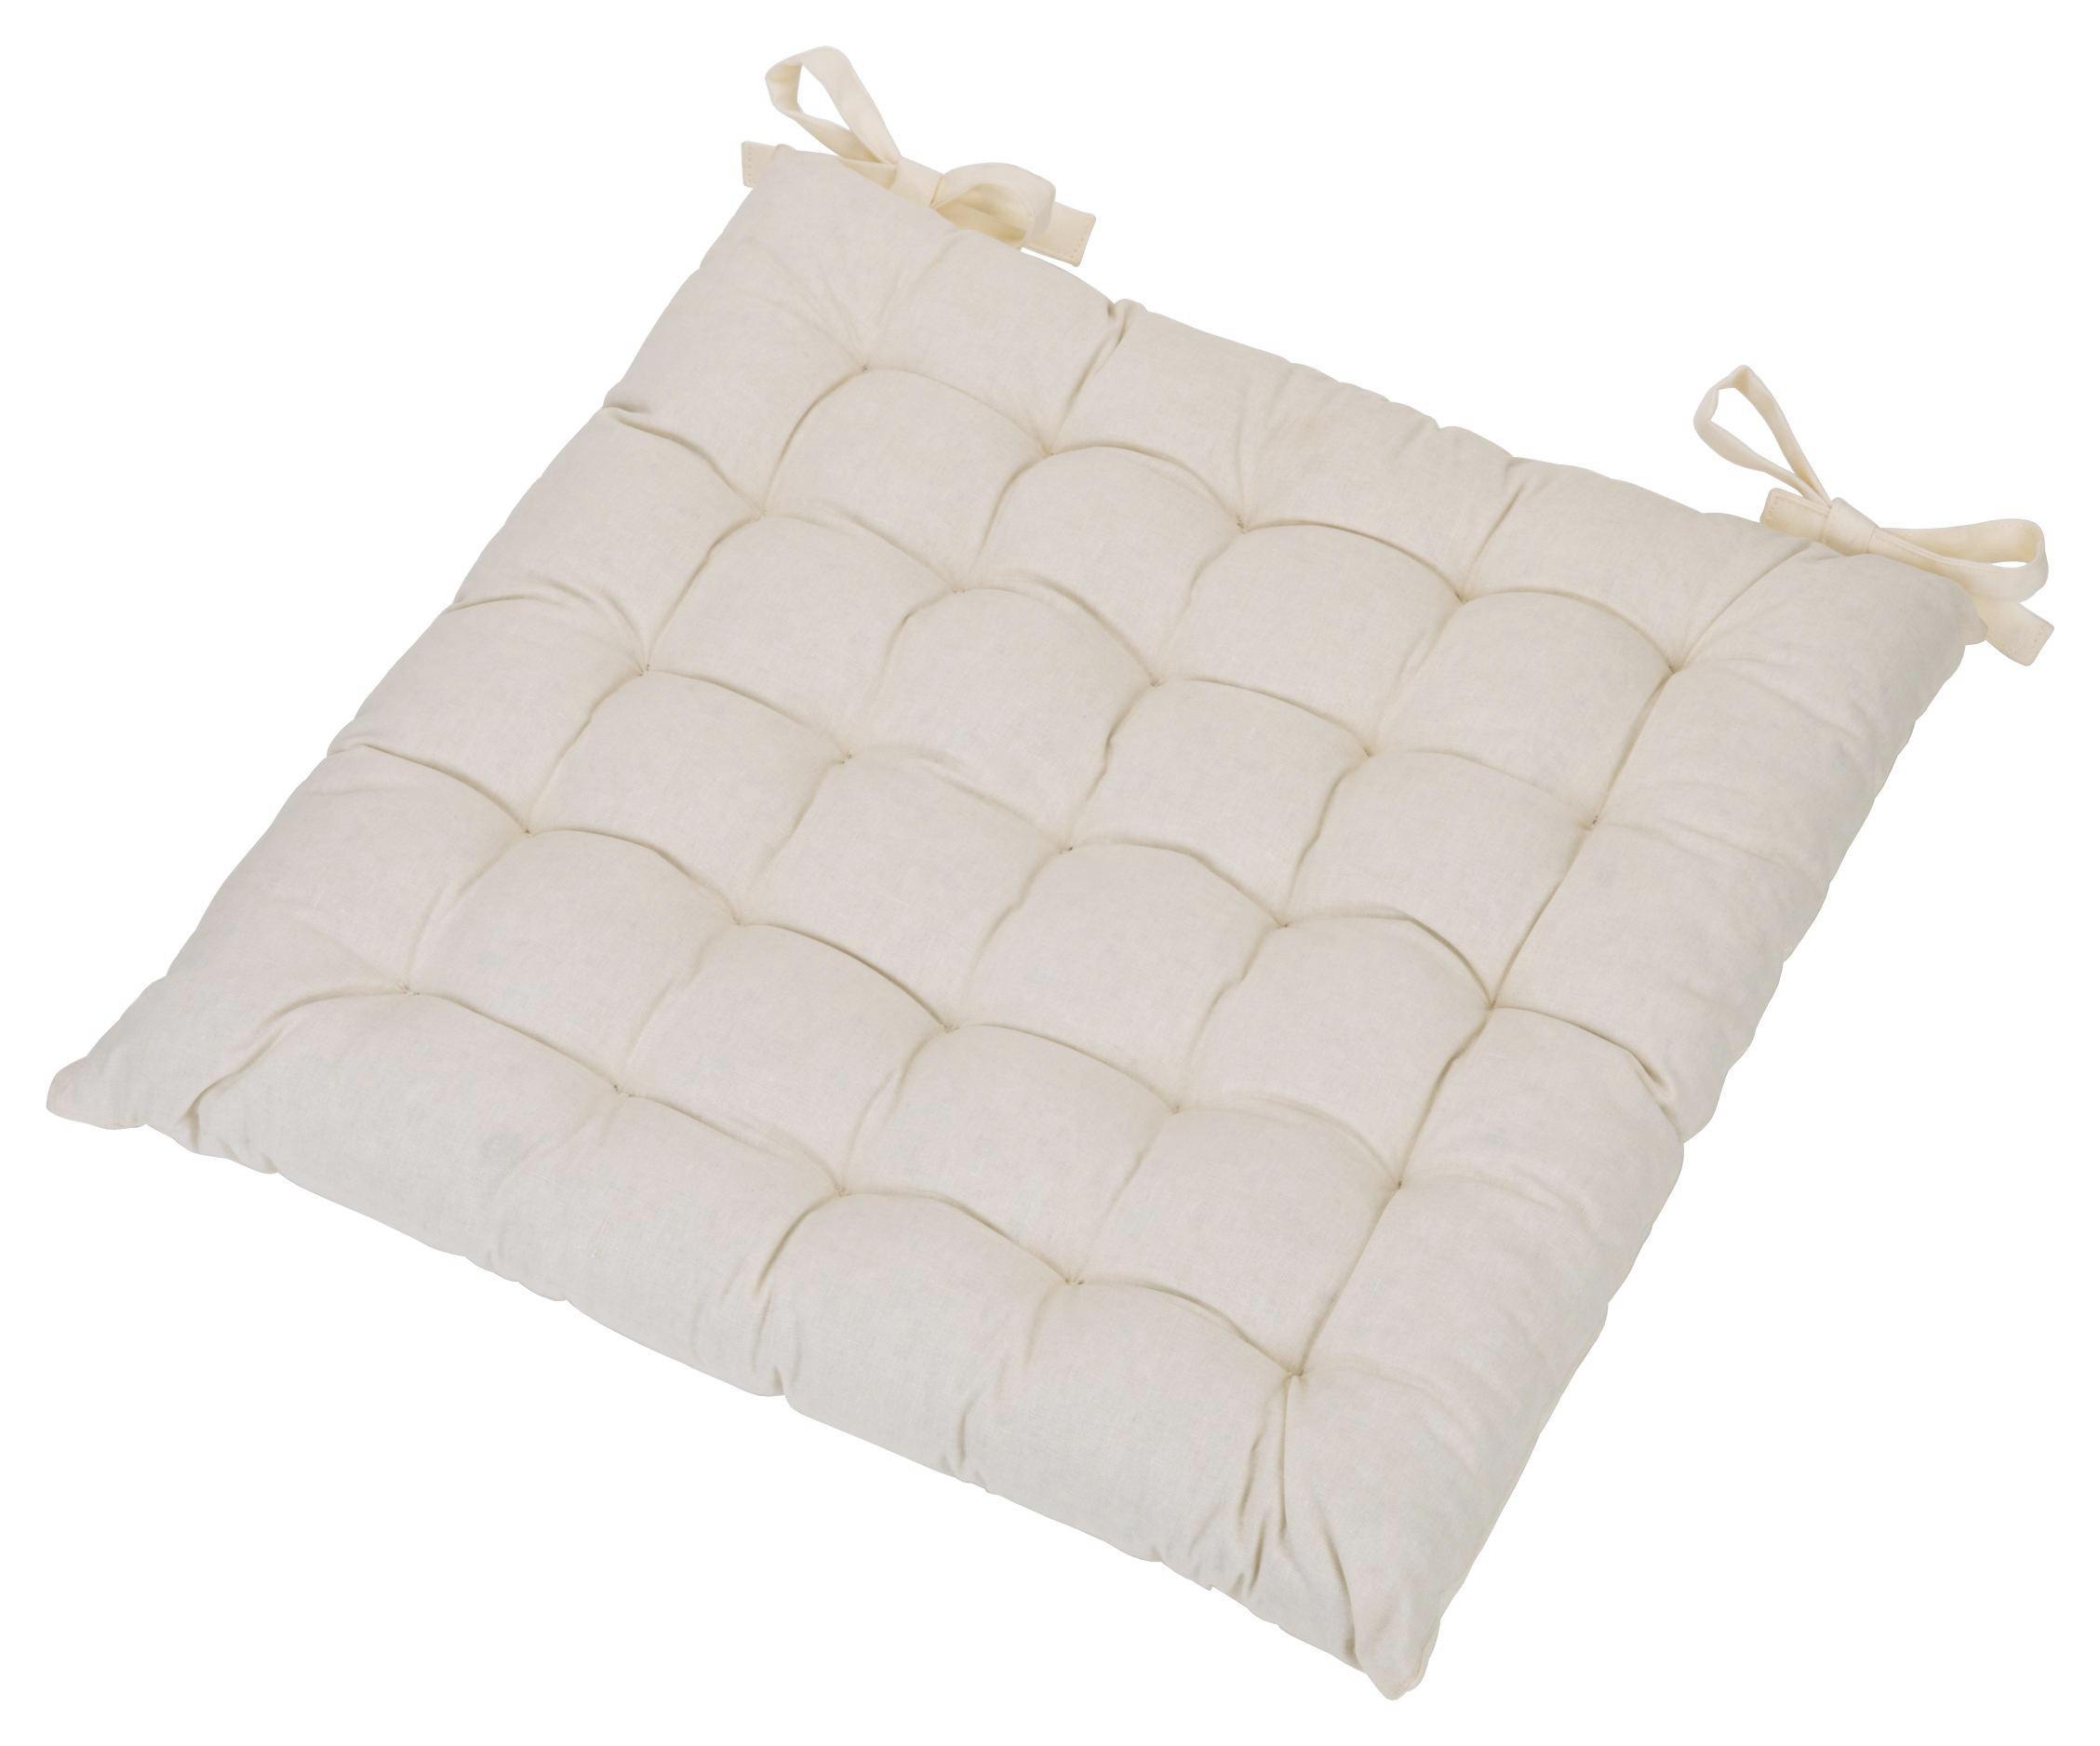 SITTDYNA - vit, Basics, textil (40/40/3cm) - Boxxx